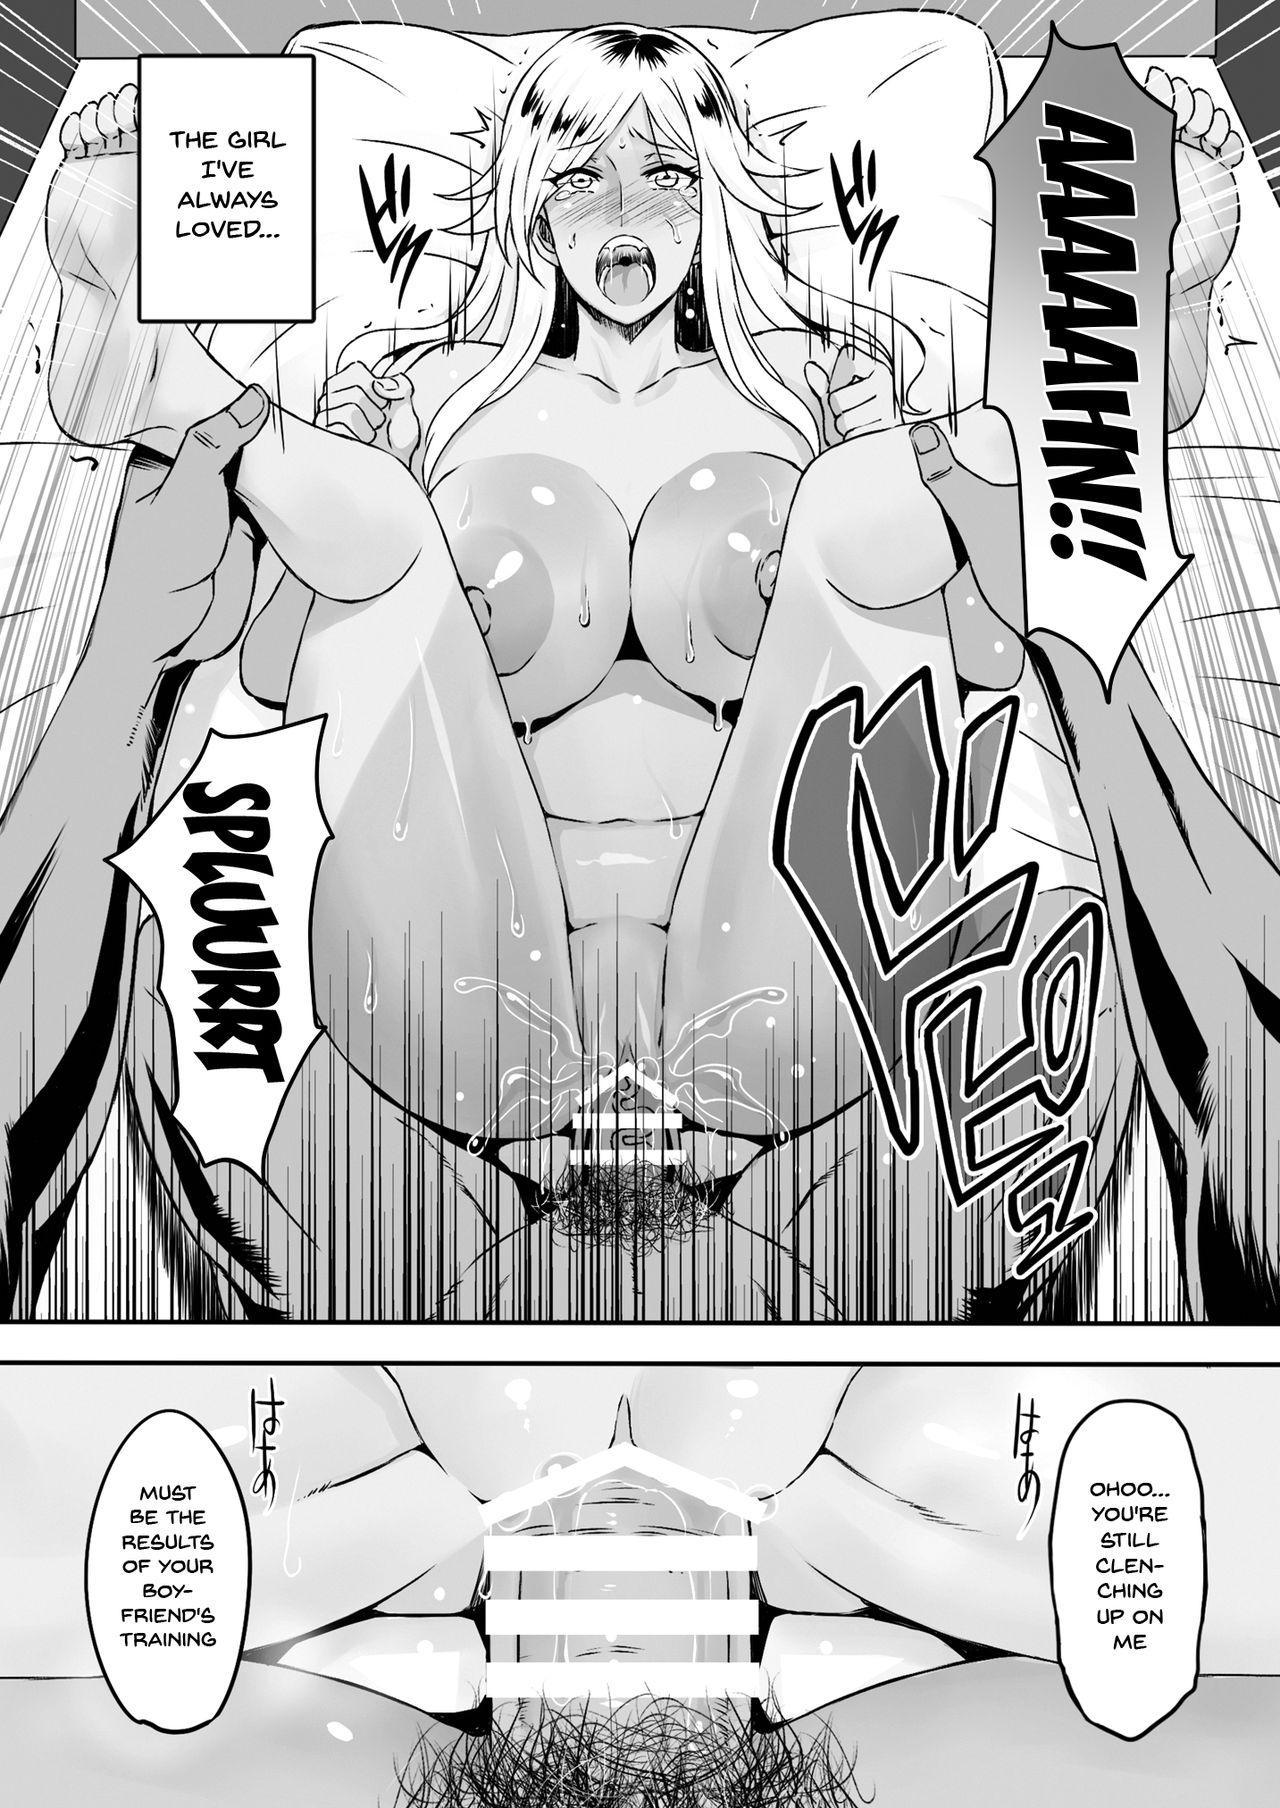 Toaru Site no Seiheki Ranking nite, Zennendai de NTR ga Bucchigiri 1-i Datta no de, Sara ni Ironna Onnanoko o Netotte Moraimashita!! 82